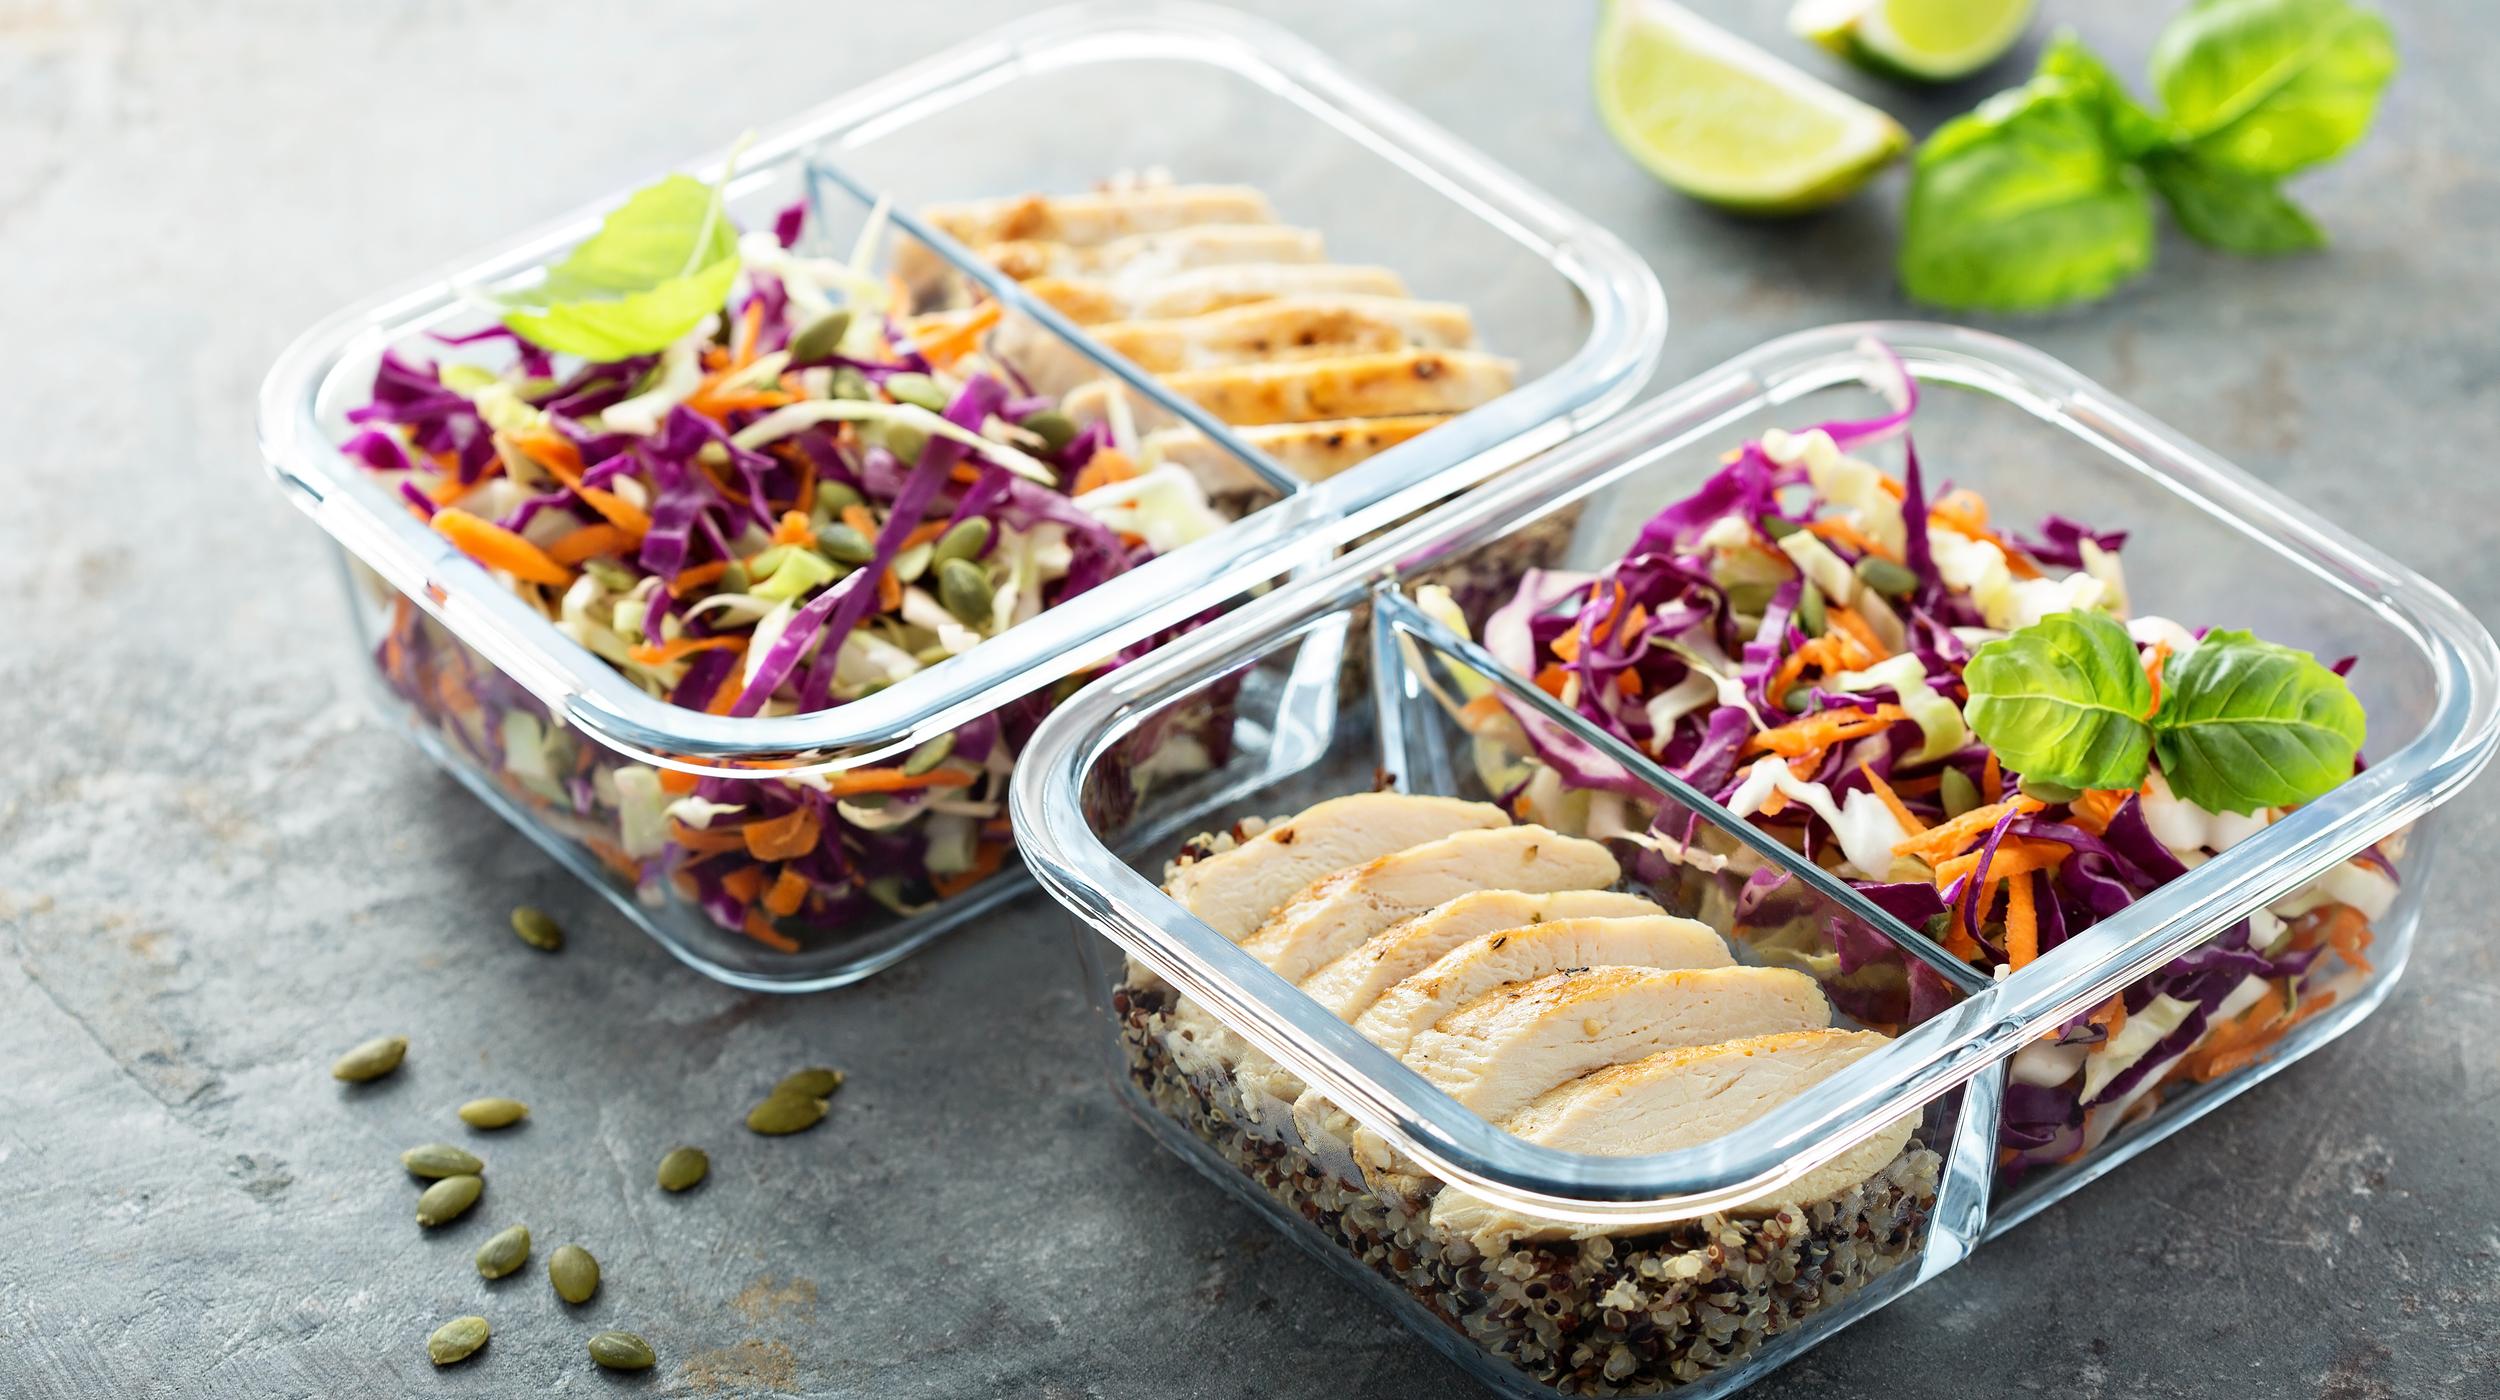 Clean Eating vs Flexible Dieting